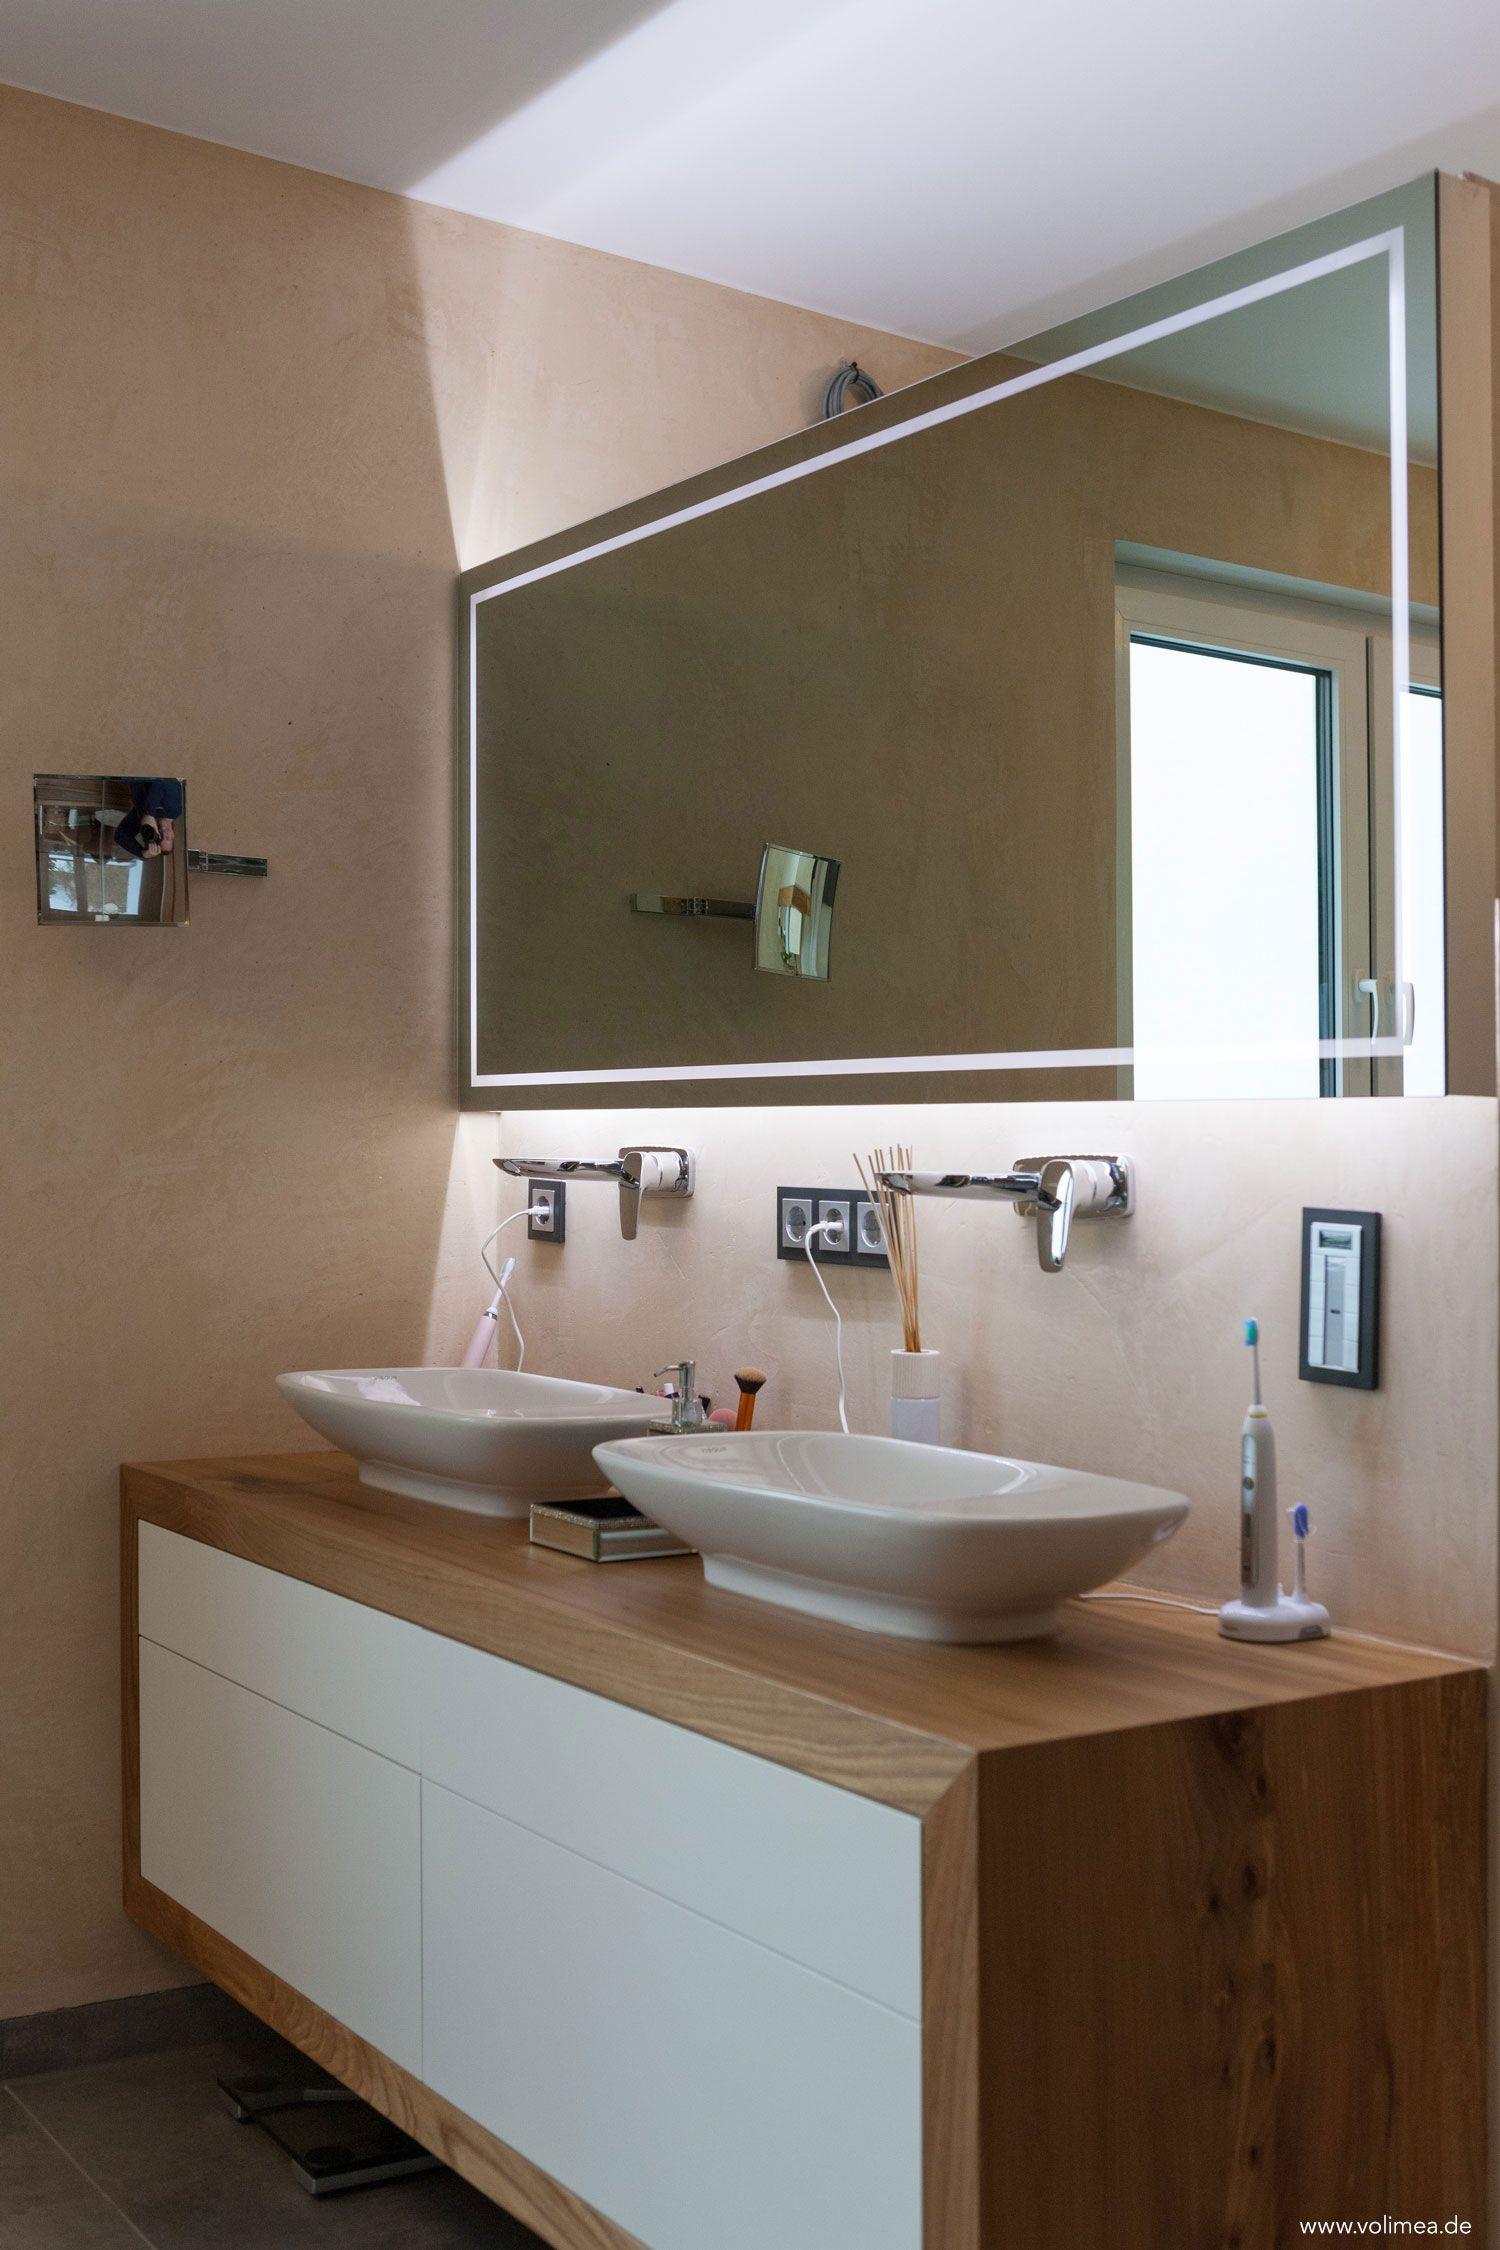 Wandbeschichtung Badezimmer In 2020 Wandbeschichtungen Bodenbeschichtung Badezimmerwaschtisch